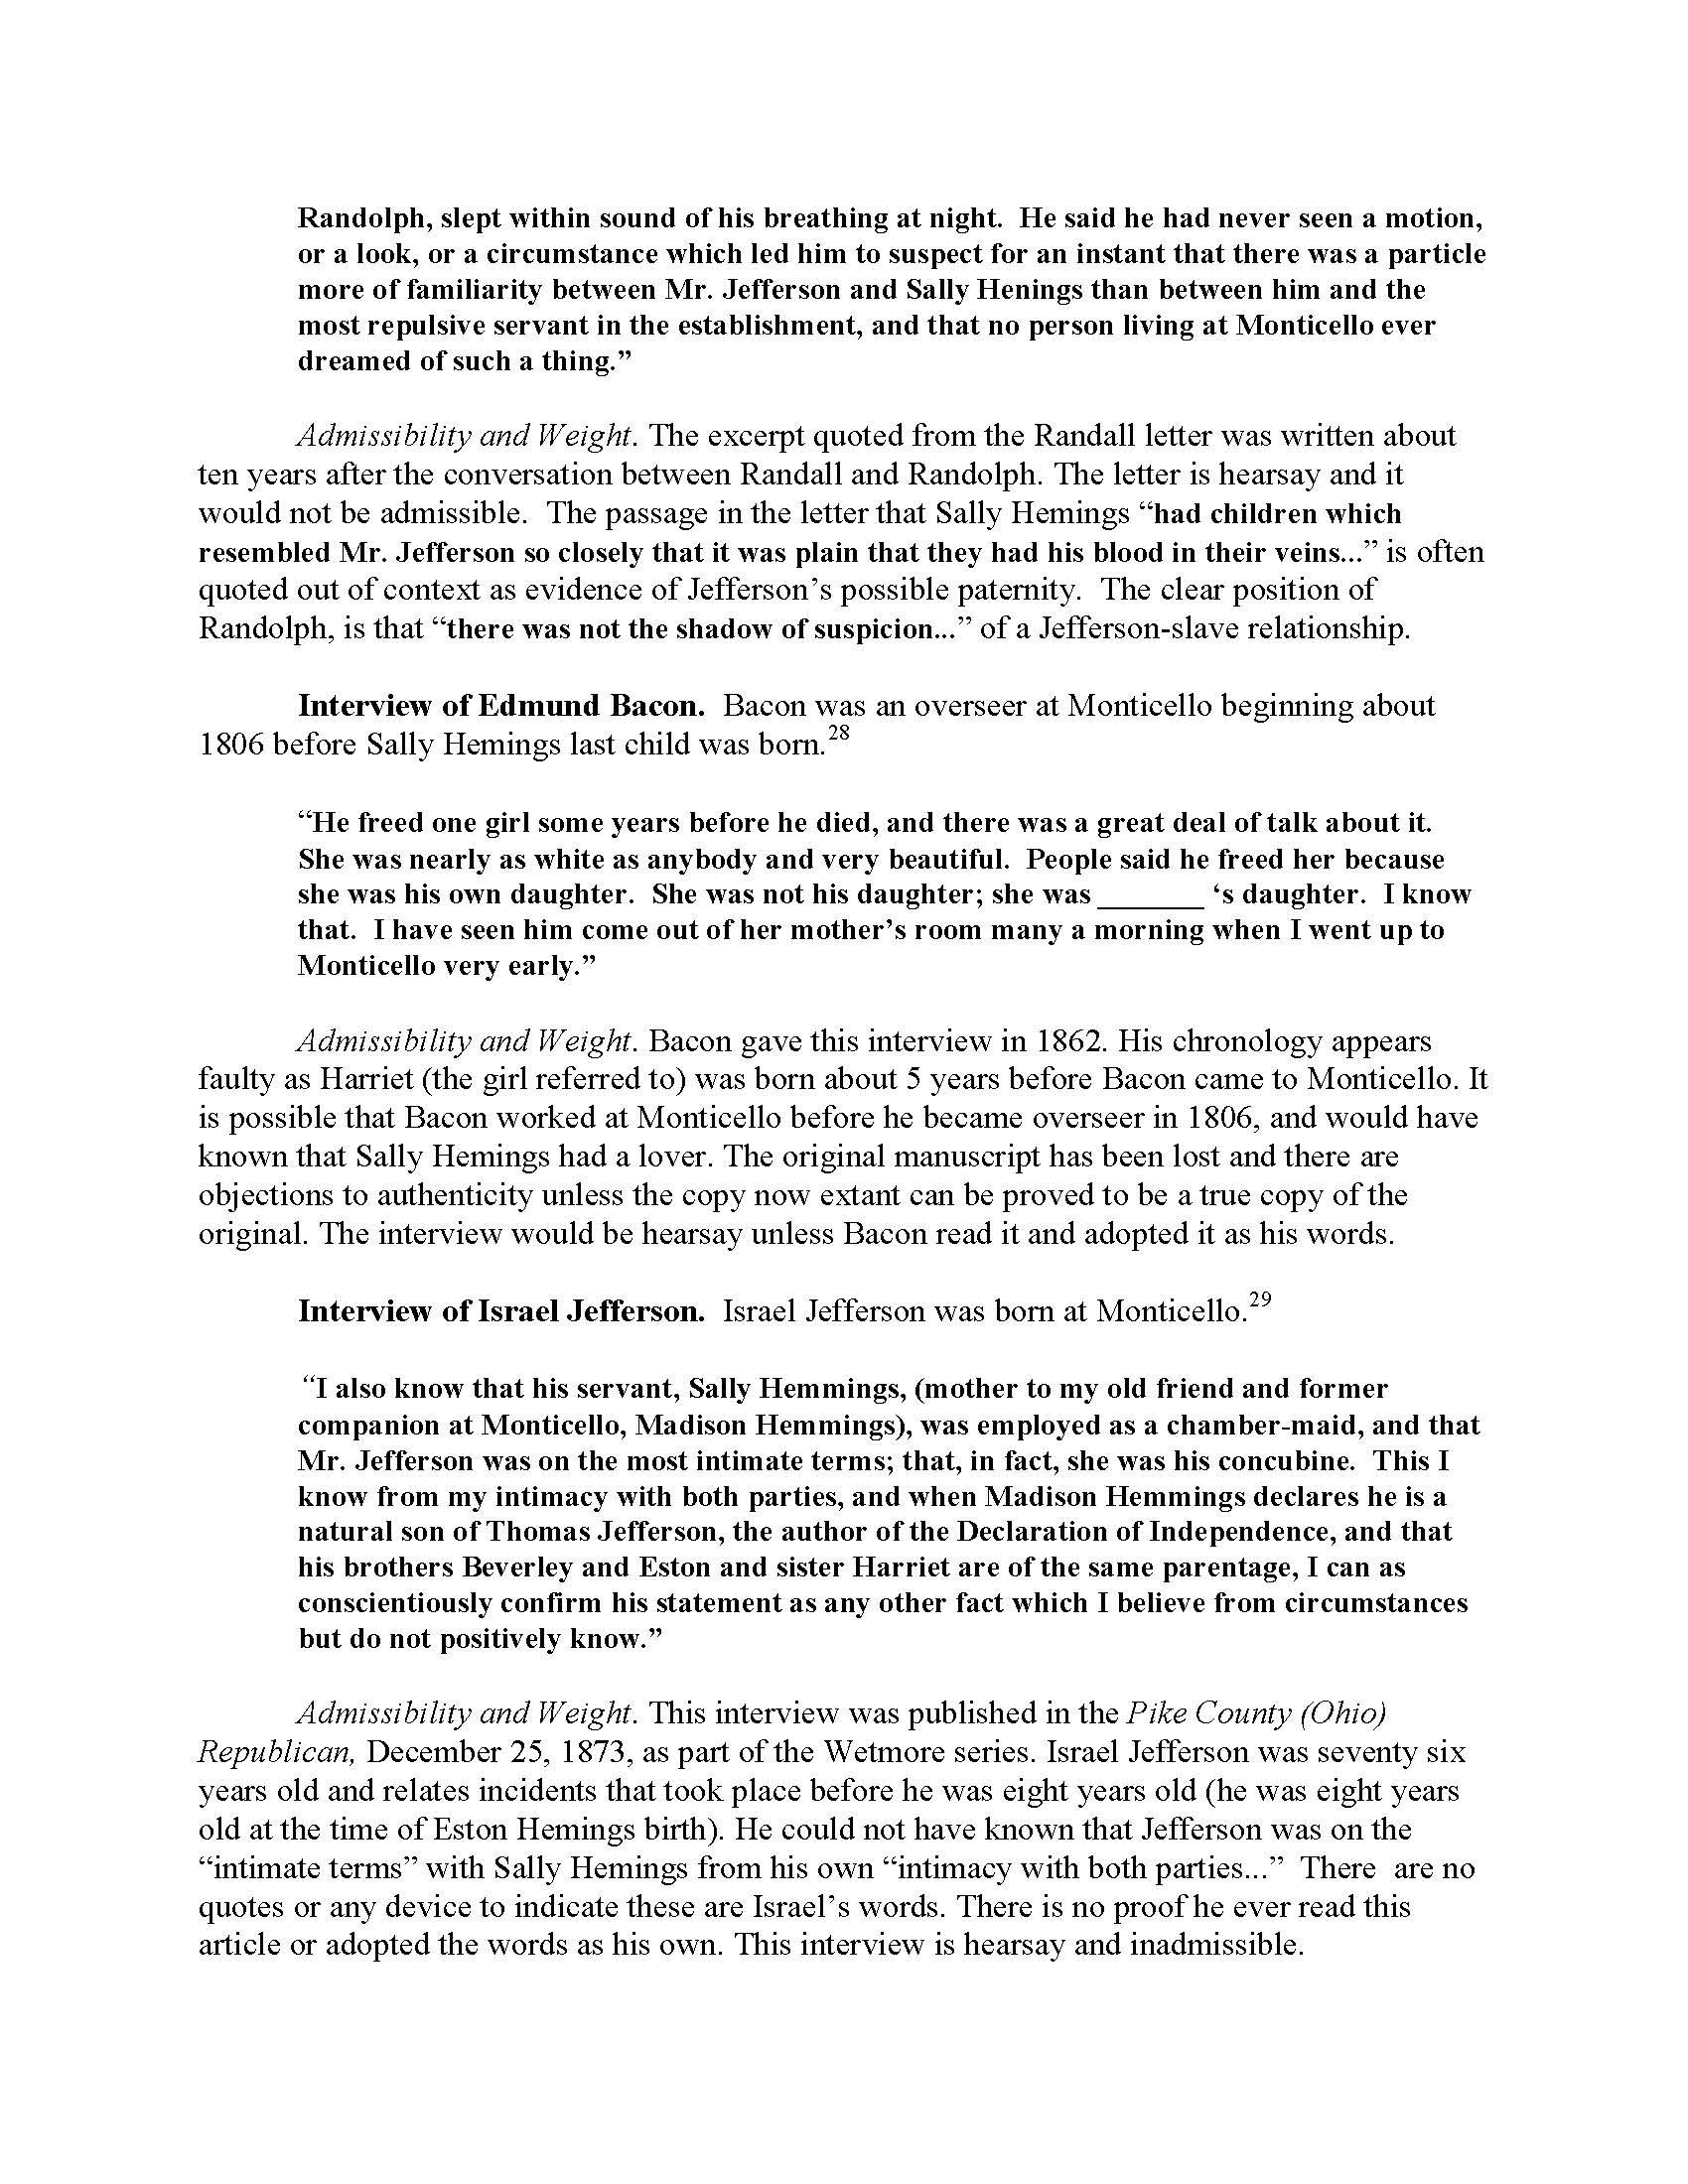 TrialAnalysis_Page_15.jpg